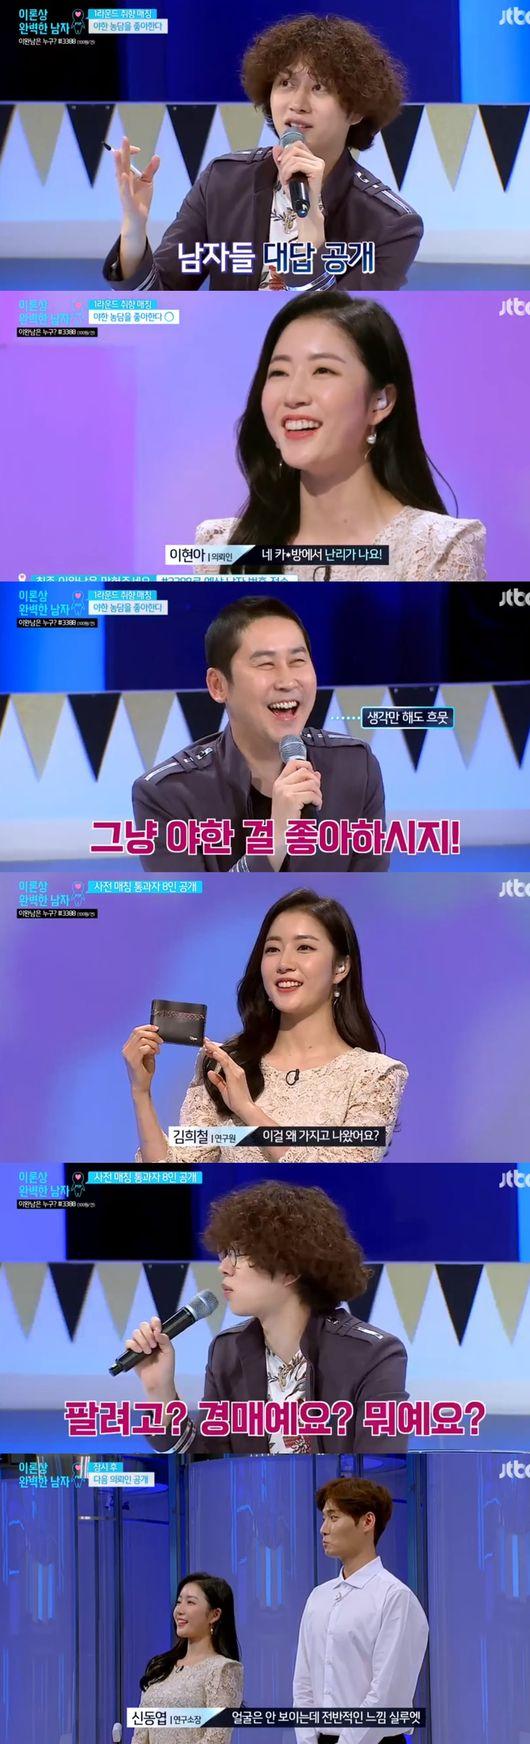 [어저께TV] '이완남' 김희철, 물오른 예능감 '폭소'